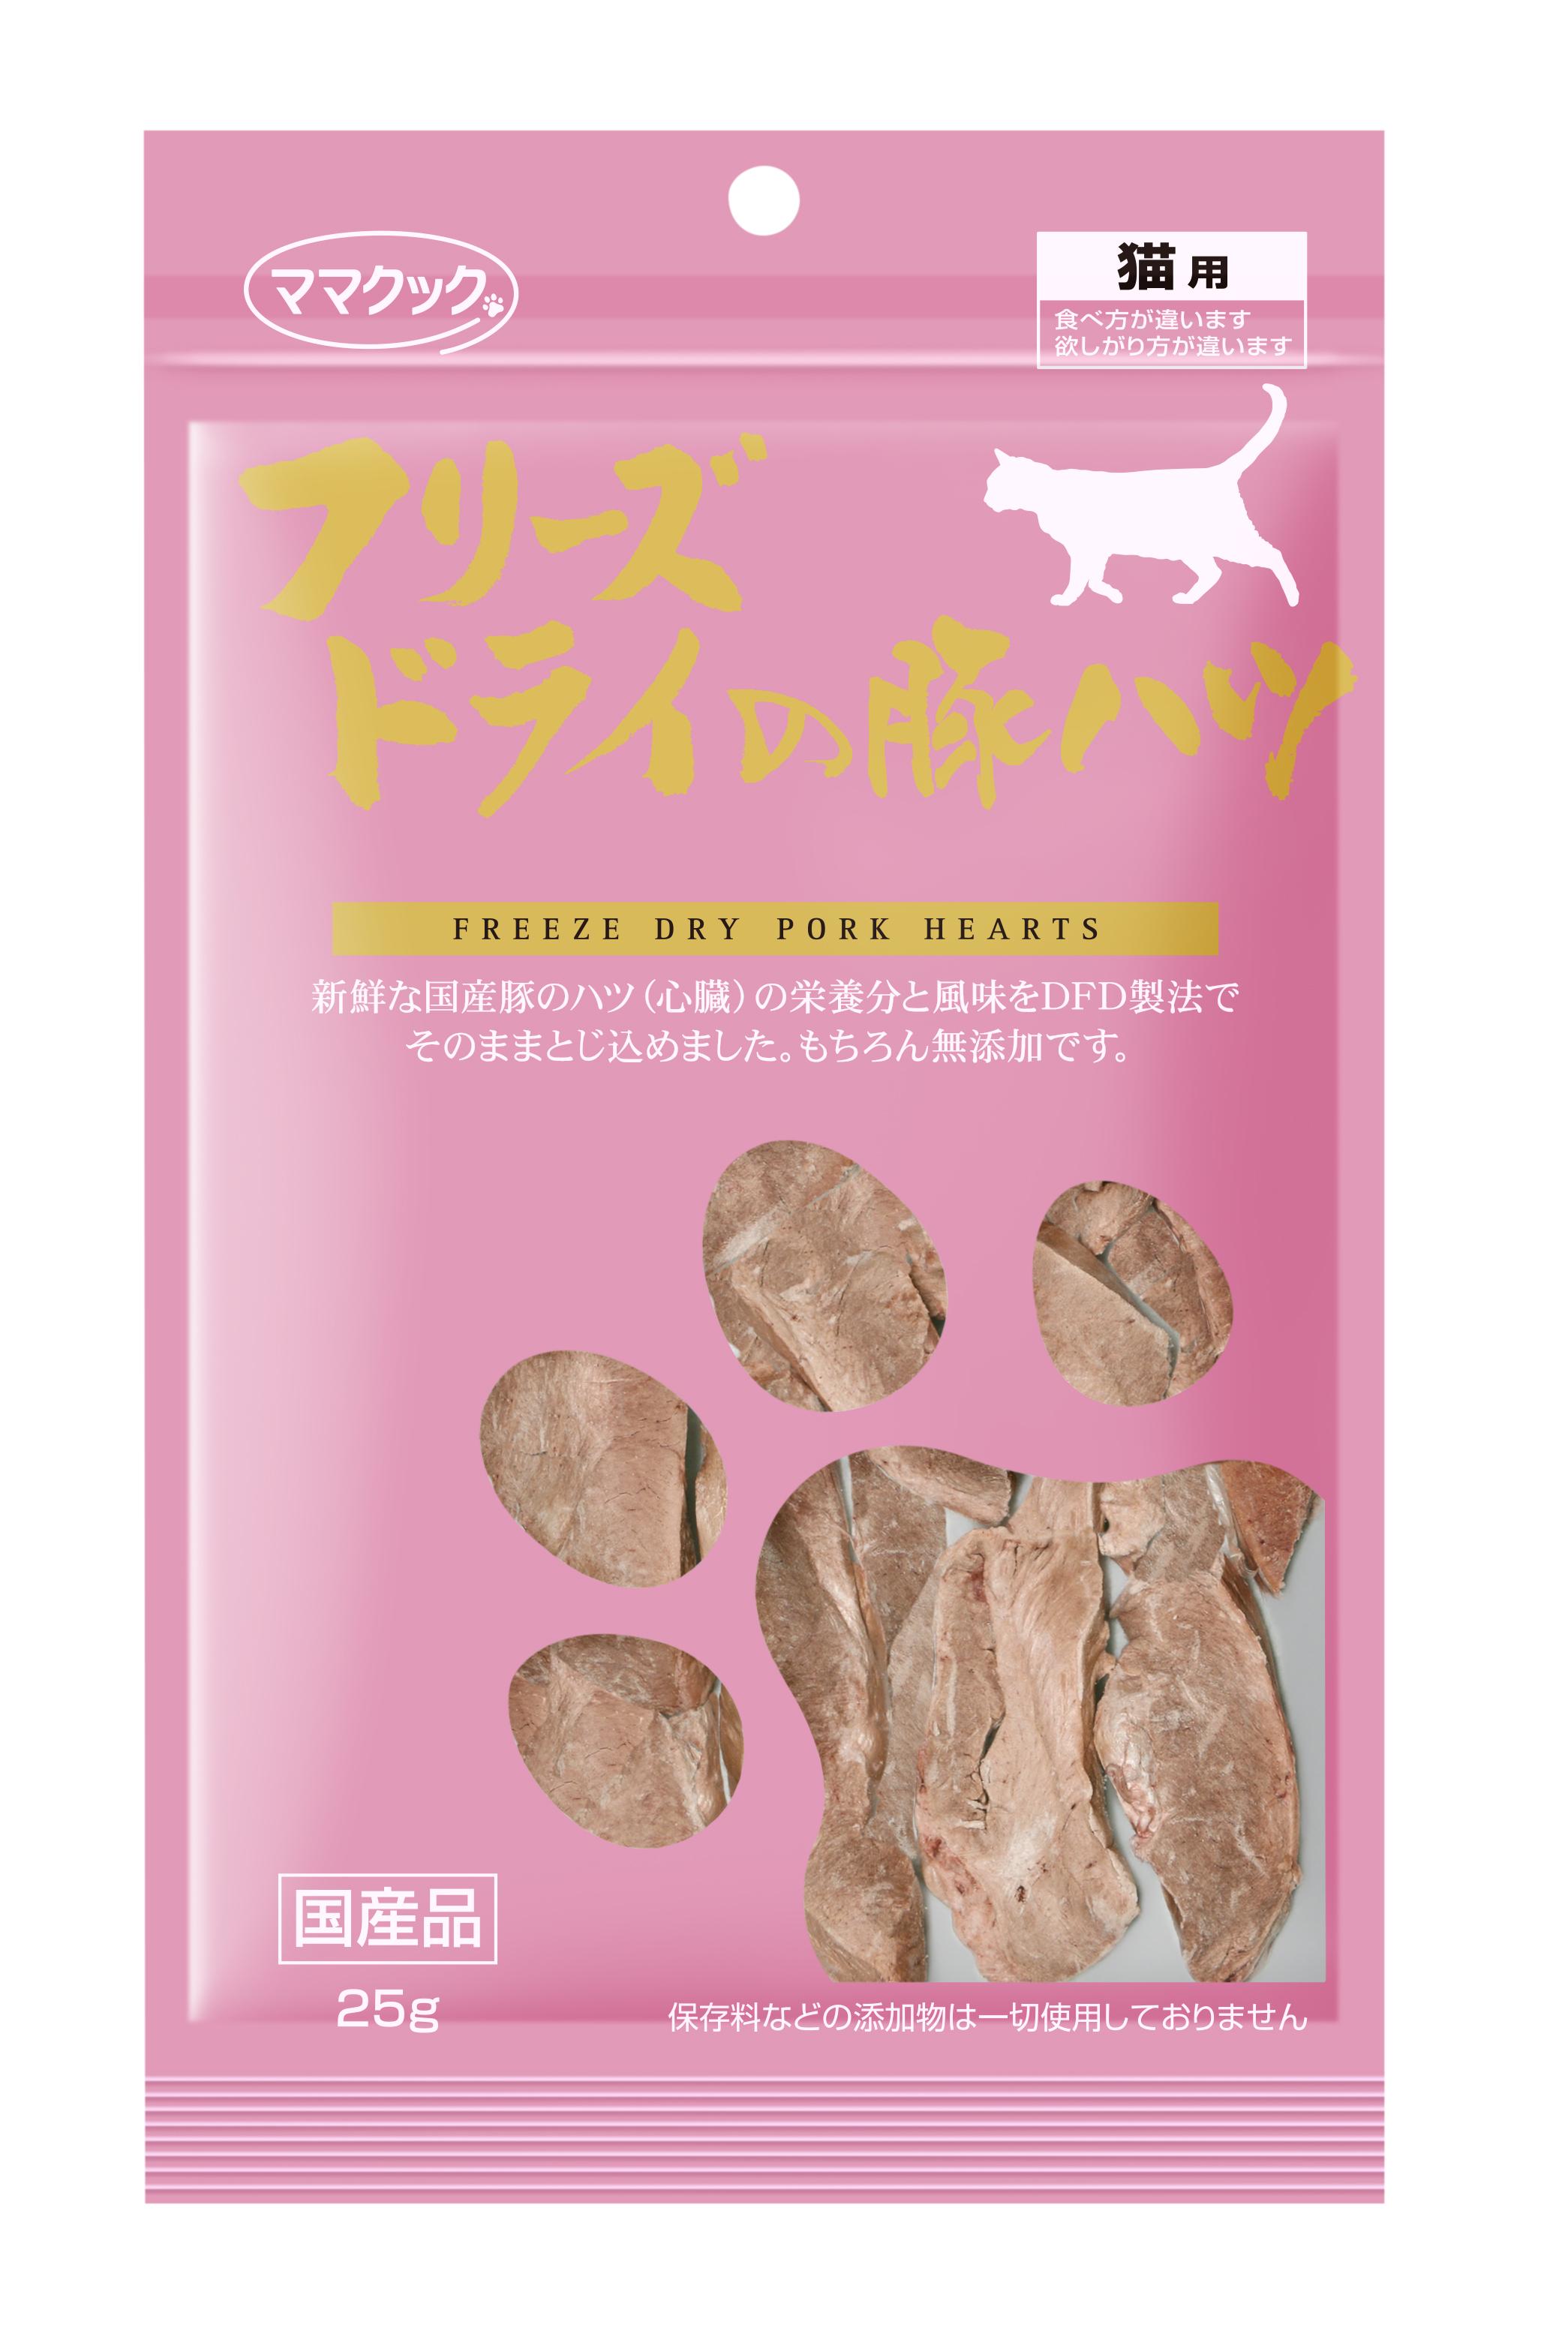 フリーズドライの豚ハツ 猫用 25g